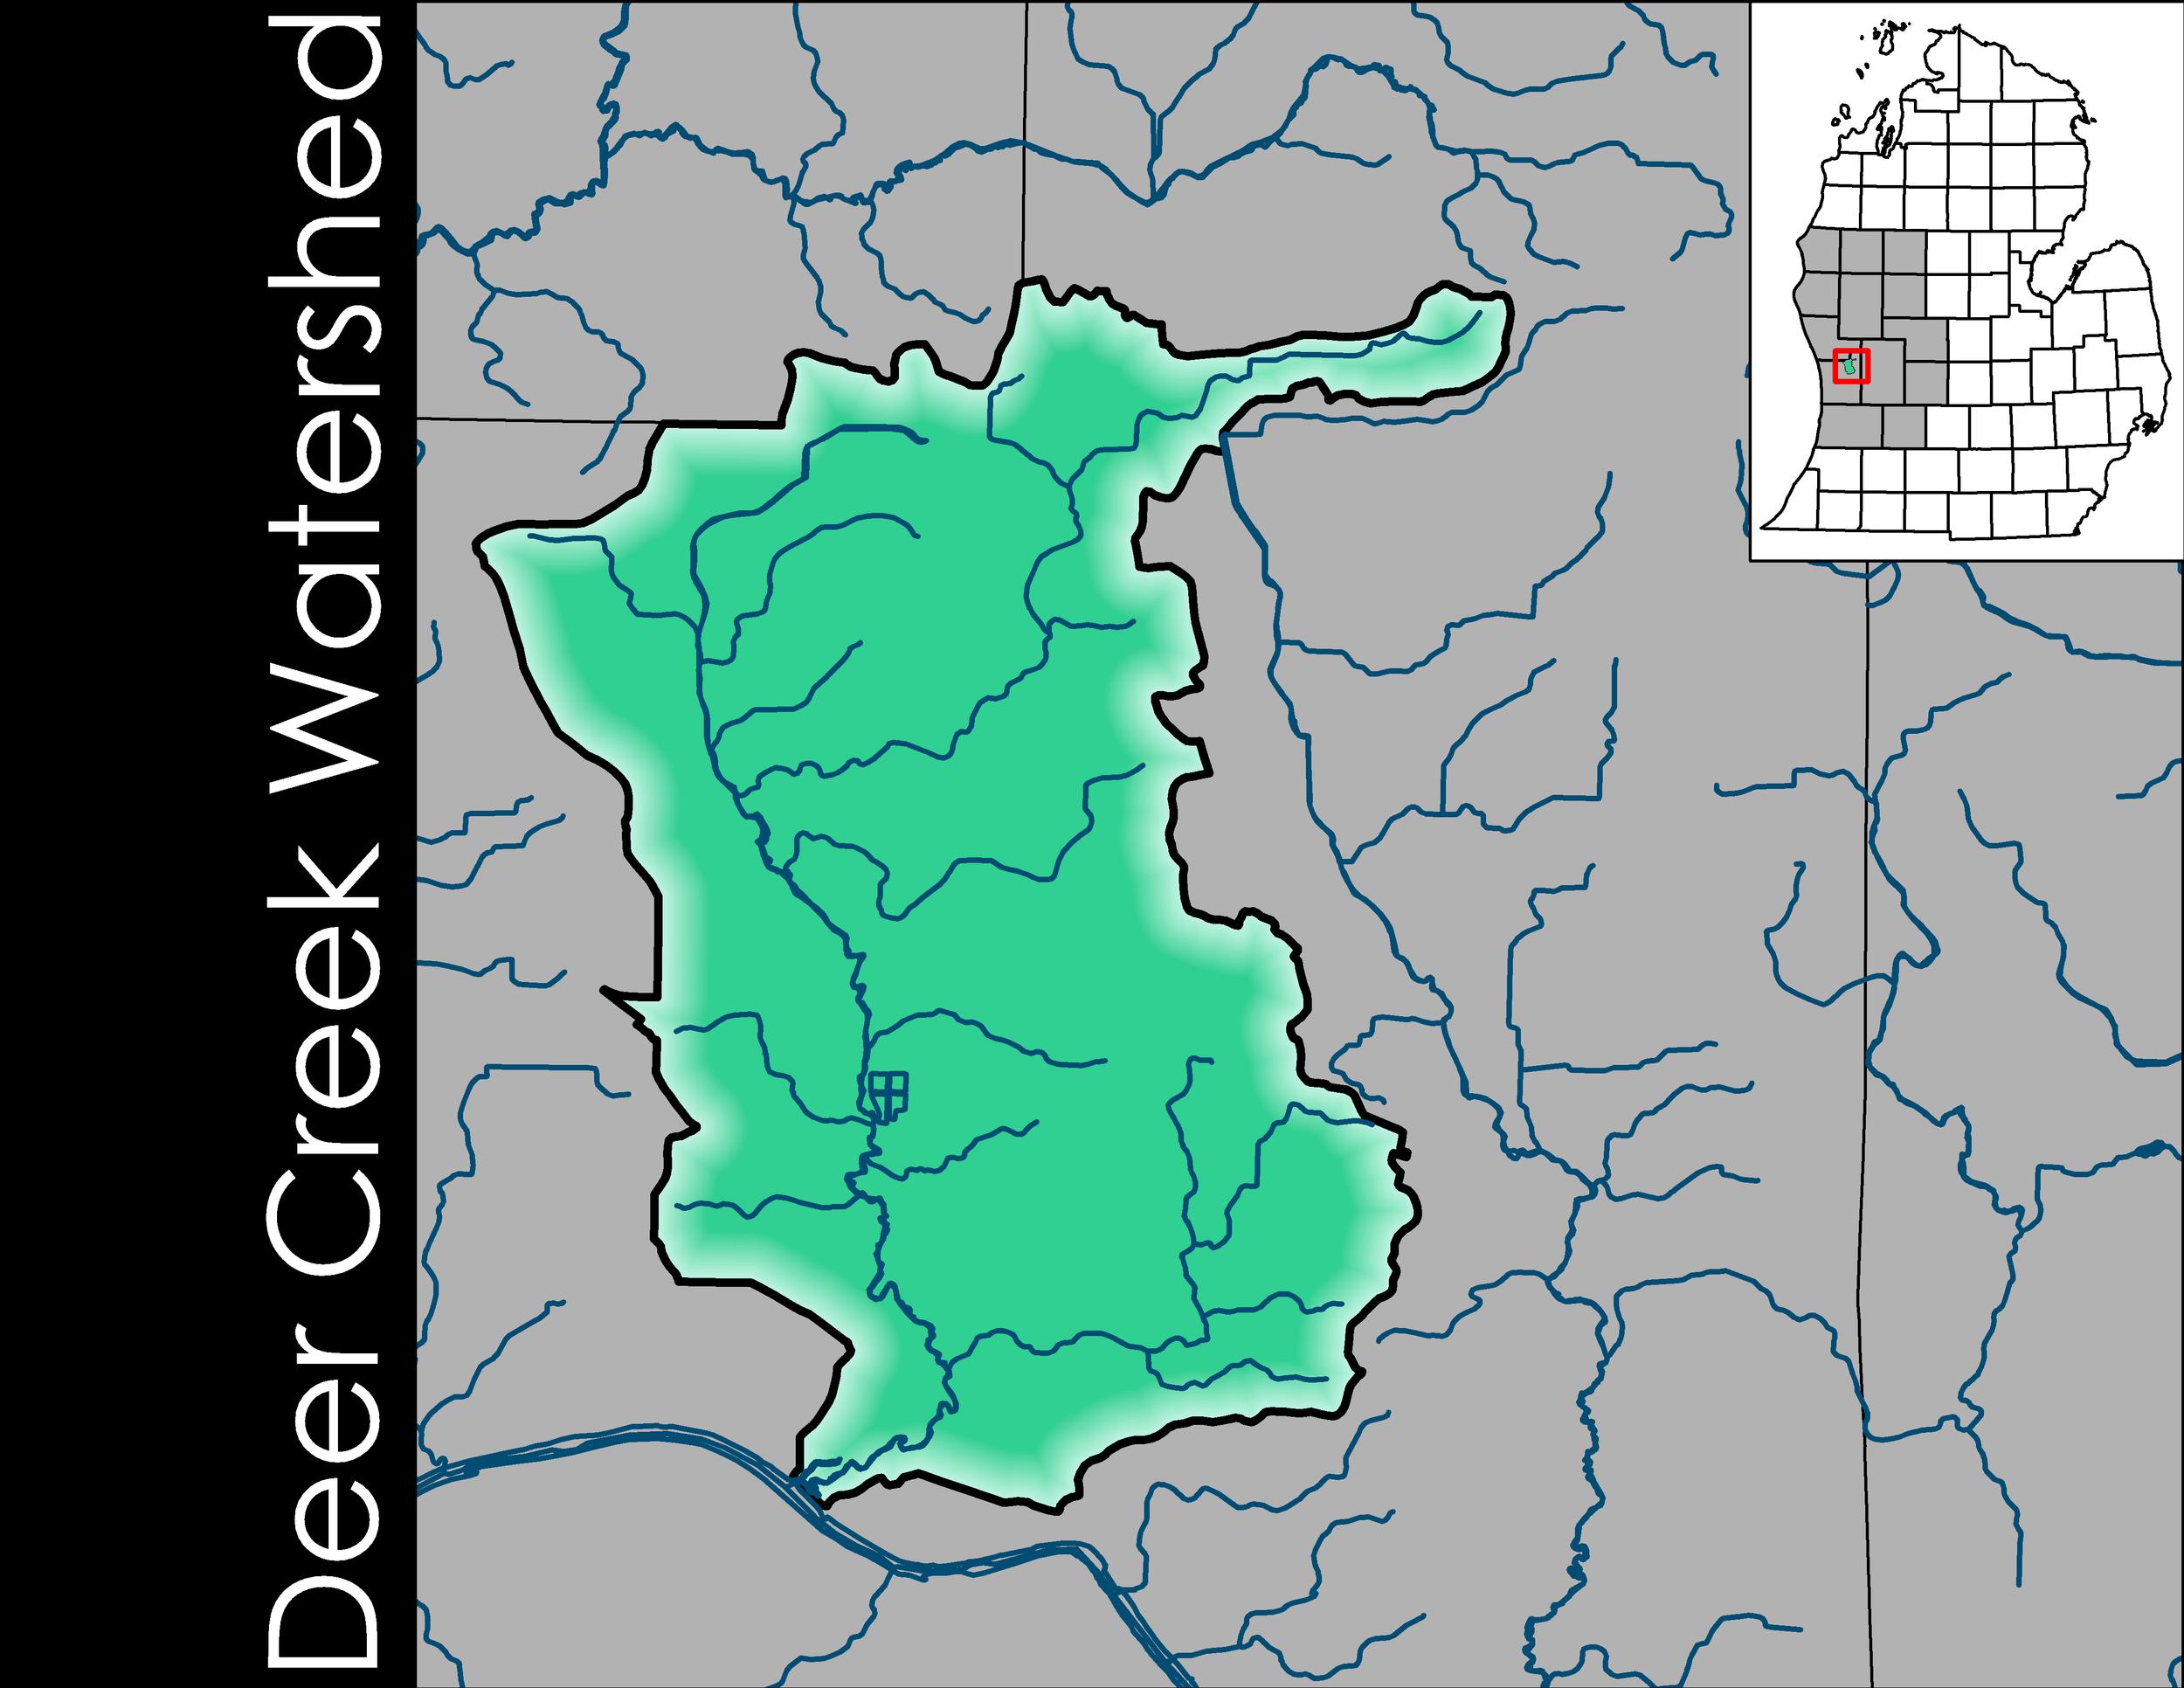 DeerCreekWatershedMap.png